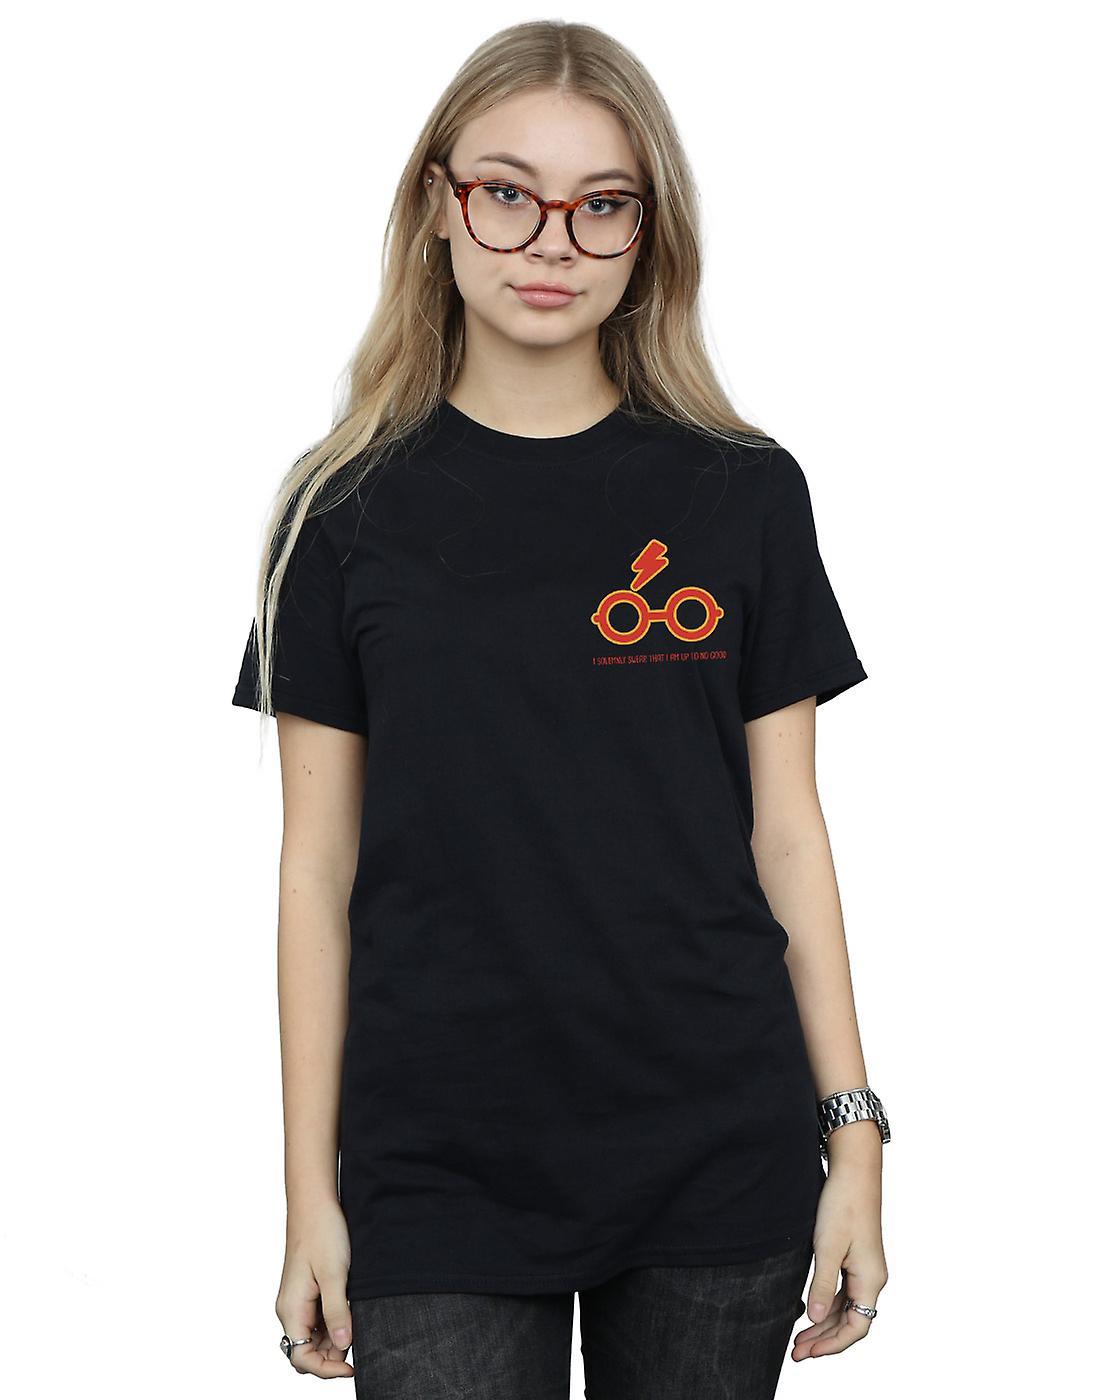 Harry Potter Women's I Solemnly Swear Breast Print Boyfriend Fit T-Shirt